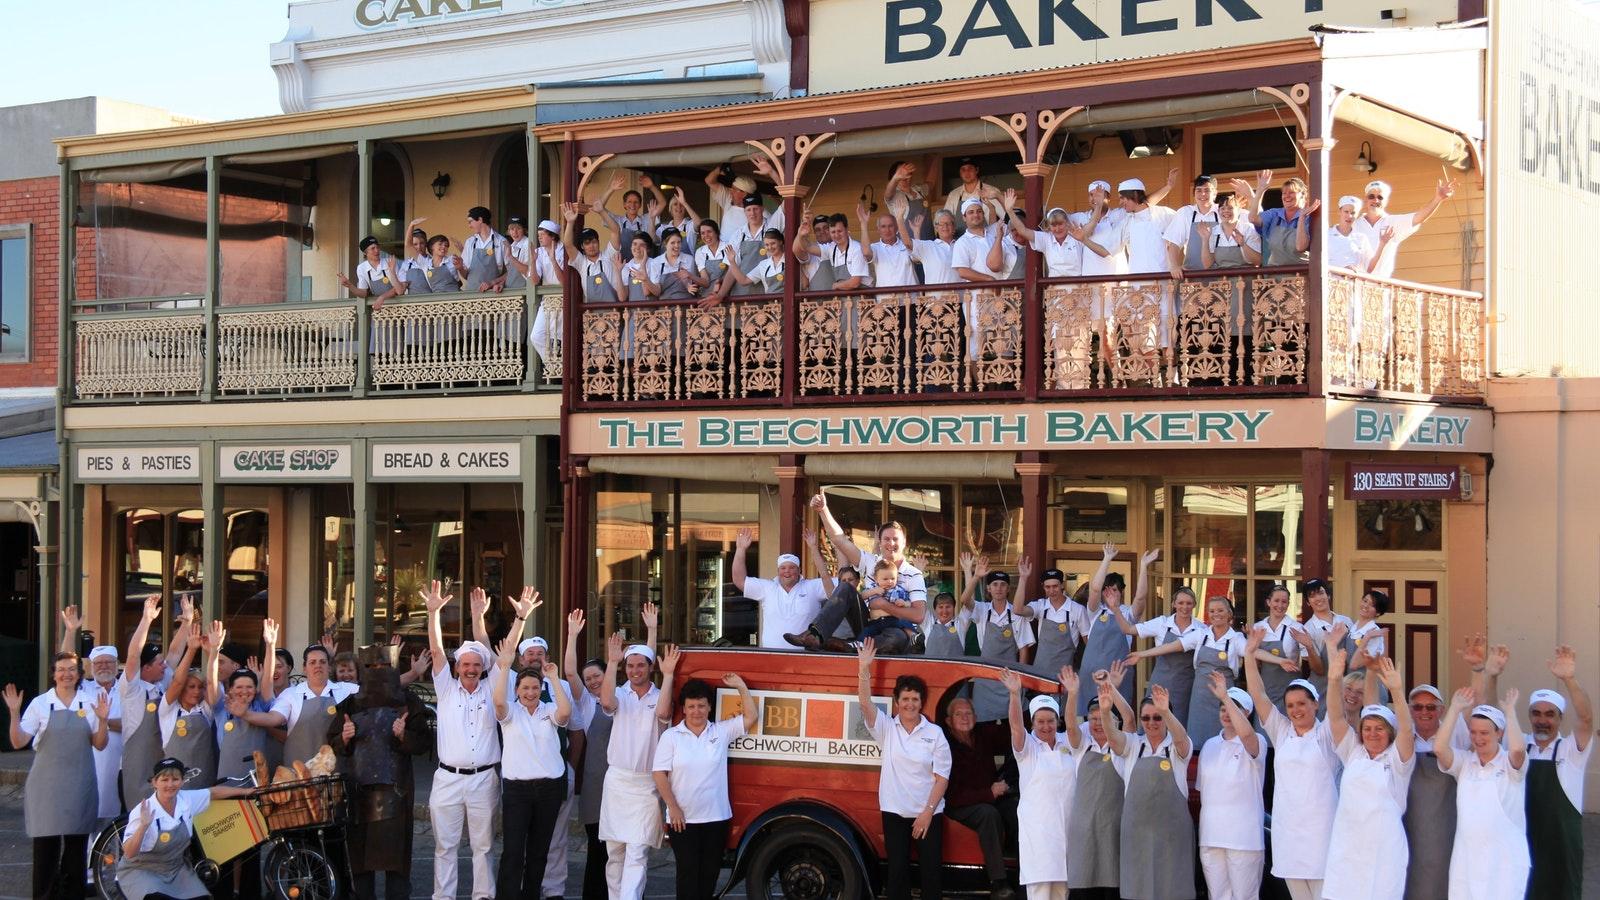 Beechworth Bakery welcomes you